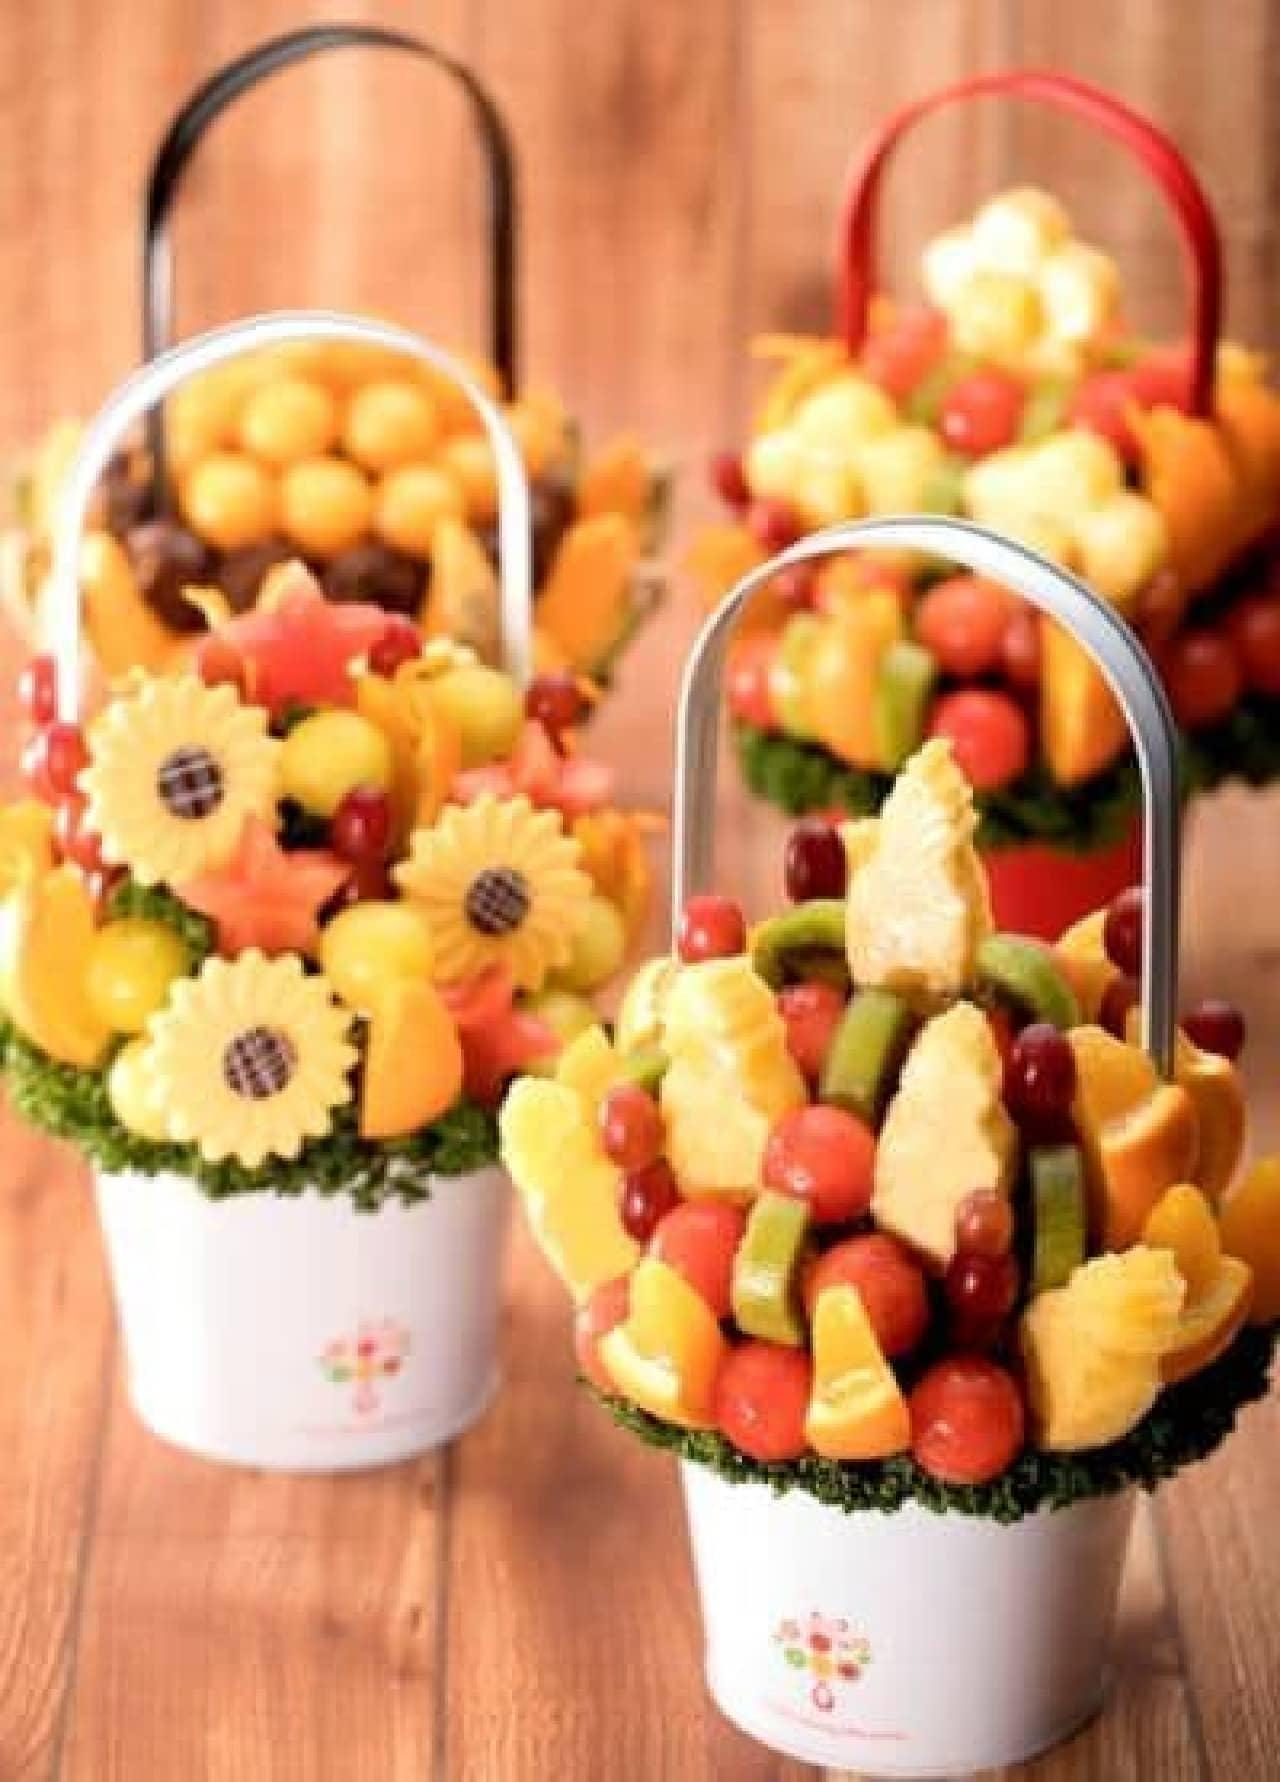 「Tropic(トロピック)」は夏のフルーツがアレンジメントされたフルーツのブーケ